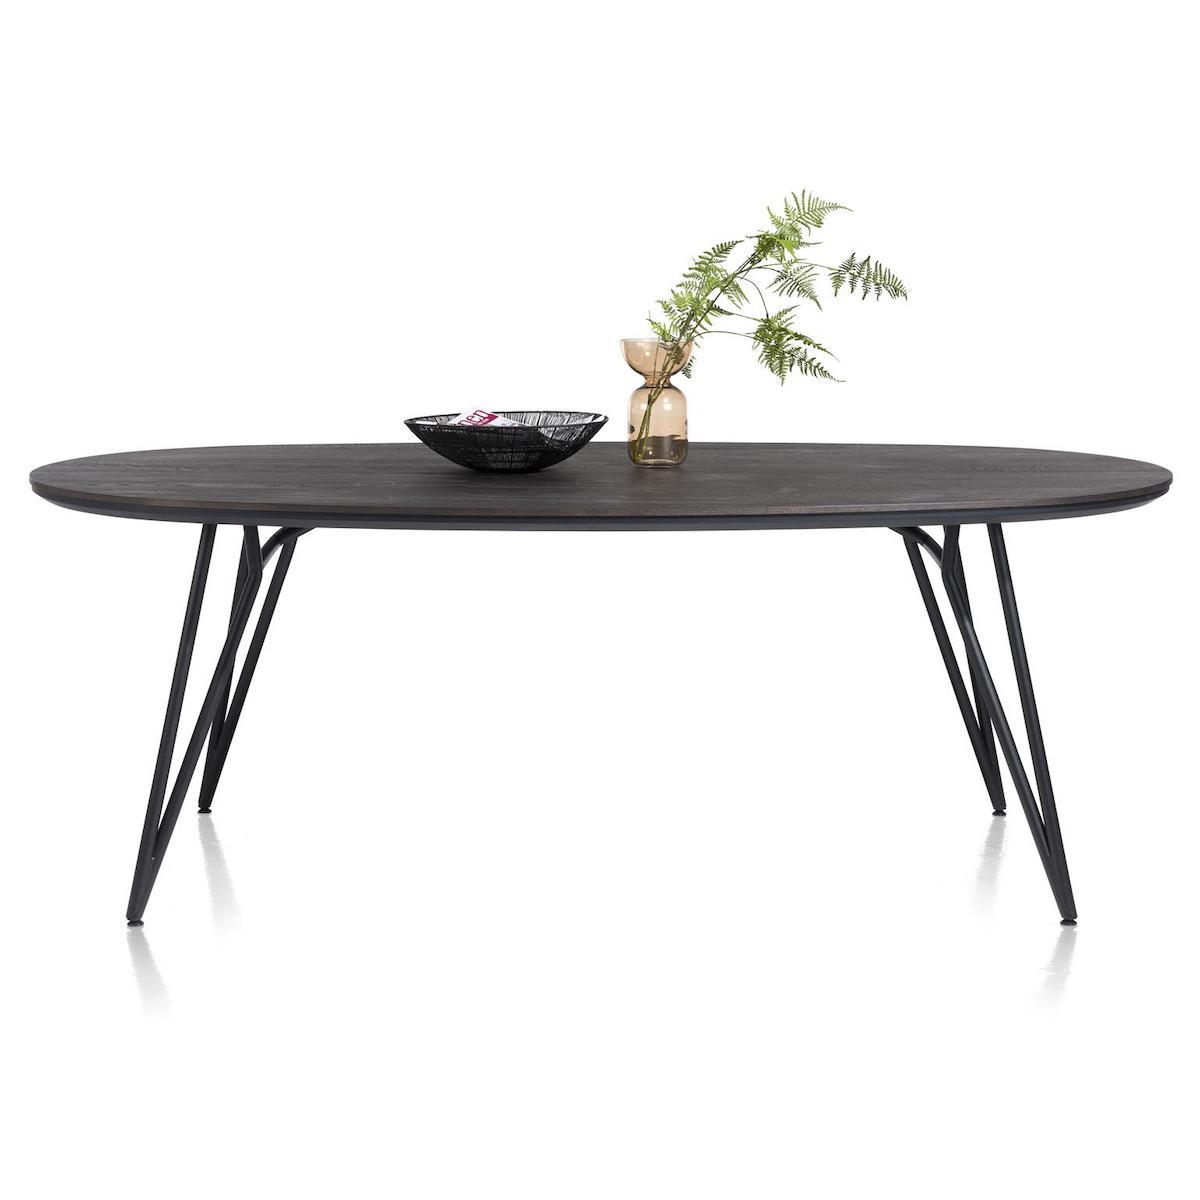 Table ovale 220x120cm VIK Xooon onyx